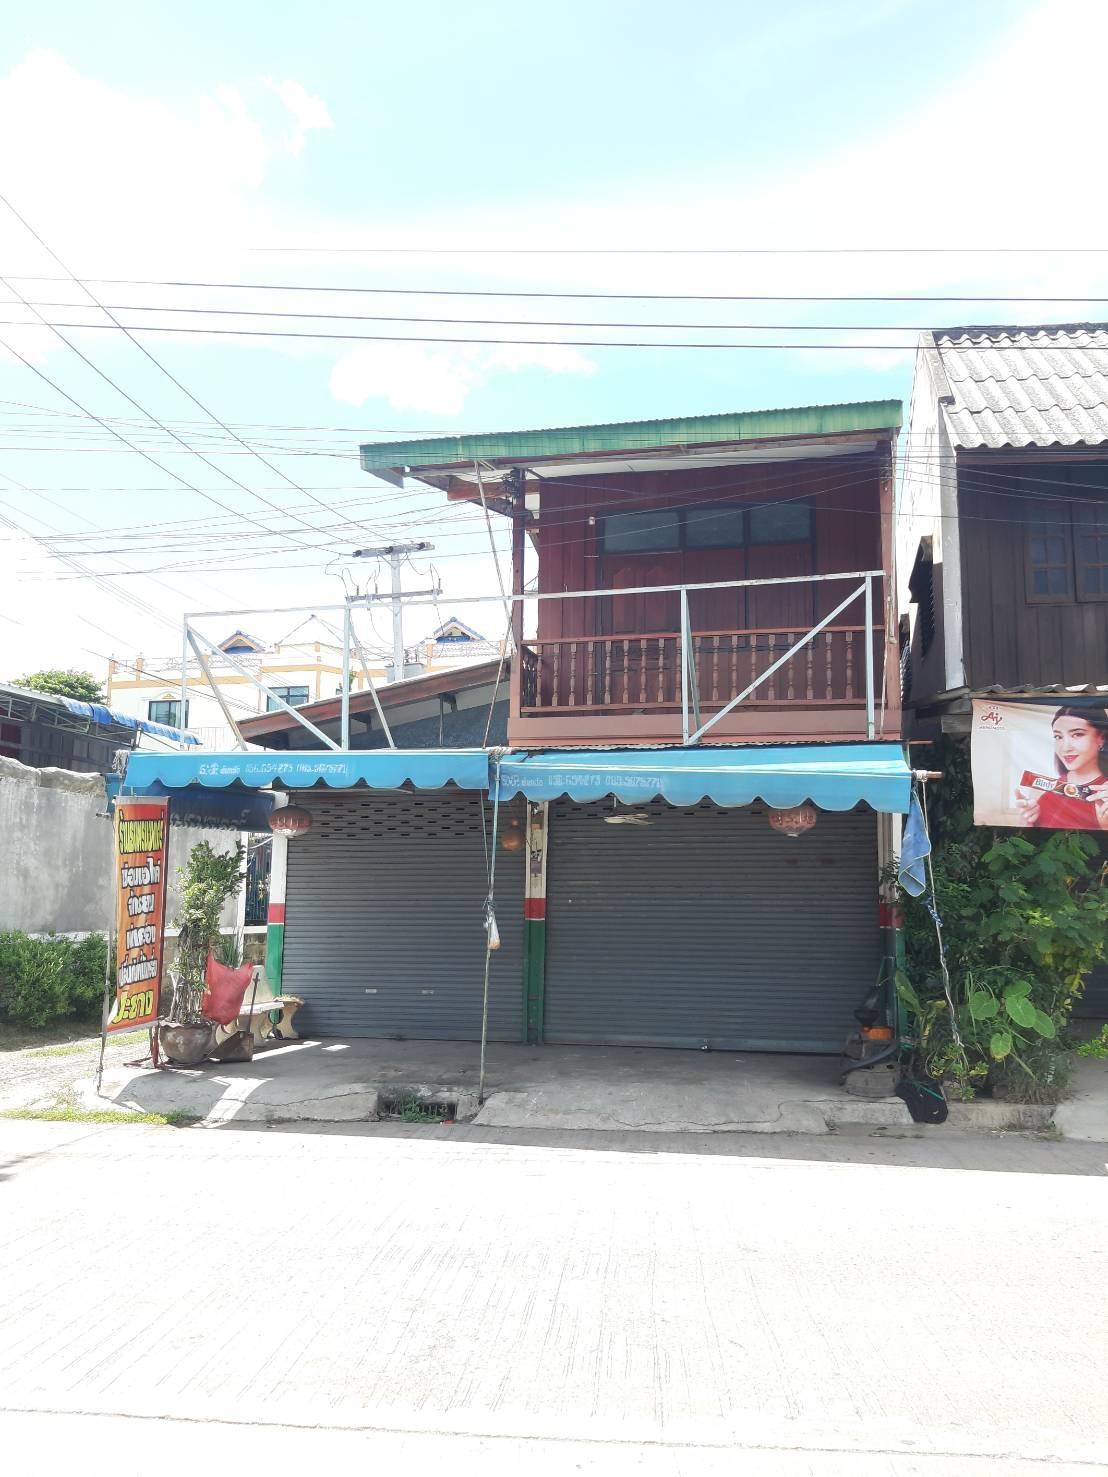 บ้าน2ชั้น ครึ่งปูนครึ่งไม้ ชั้นล่างต่อเติมเป็นหน้าร้าน ติดถนนใหญ่